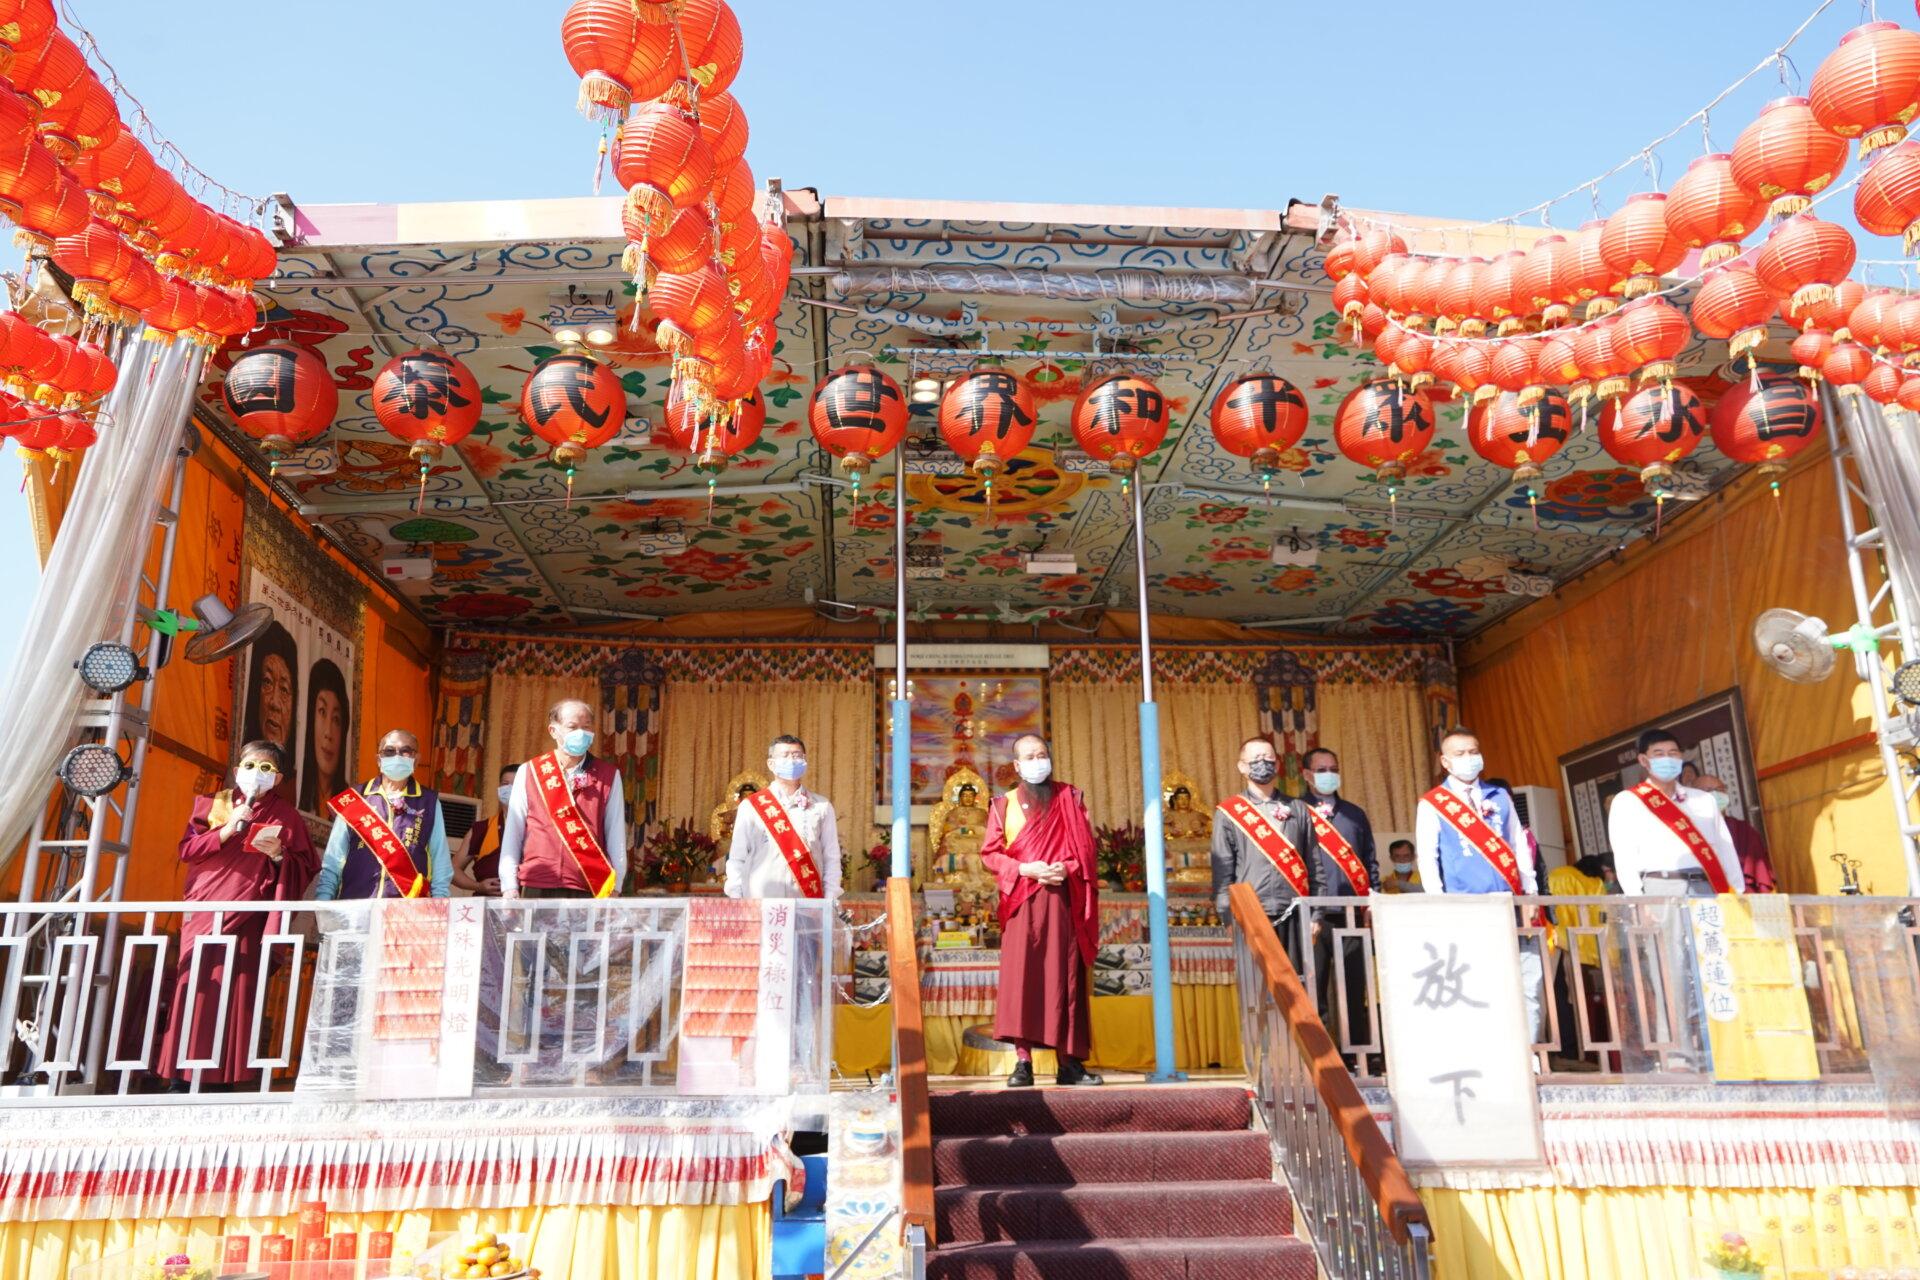 行動佛殿122站台南喜樹萬皇宮,本會指導上師恆性嘉措仁波且感謝貴賓蒞臨祈福